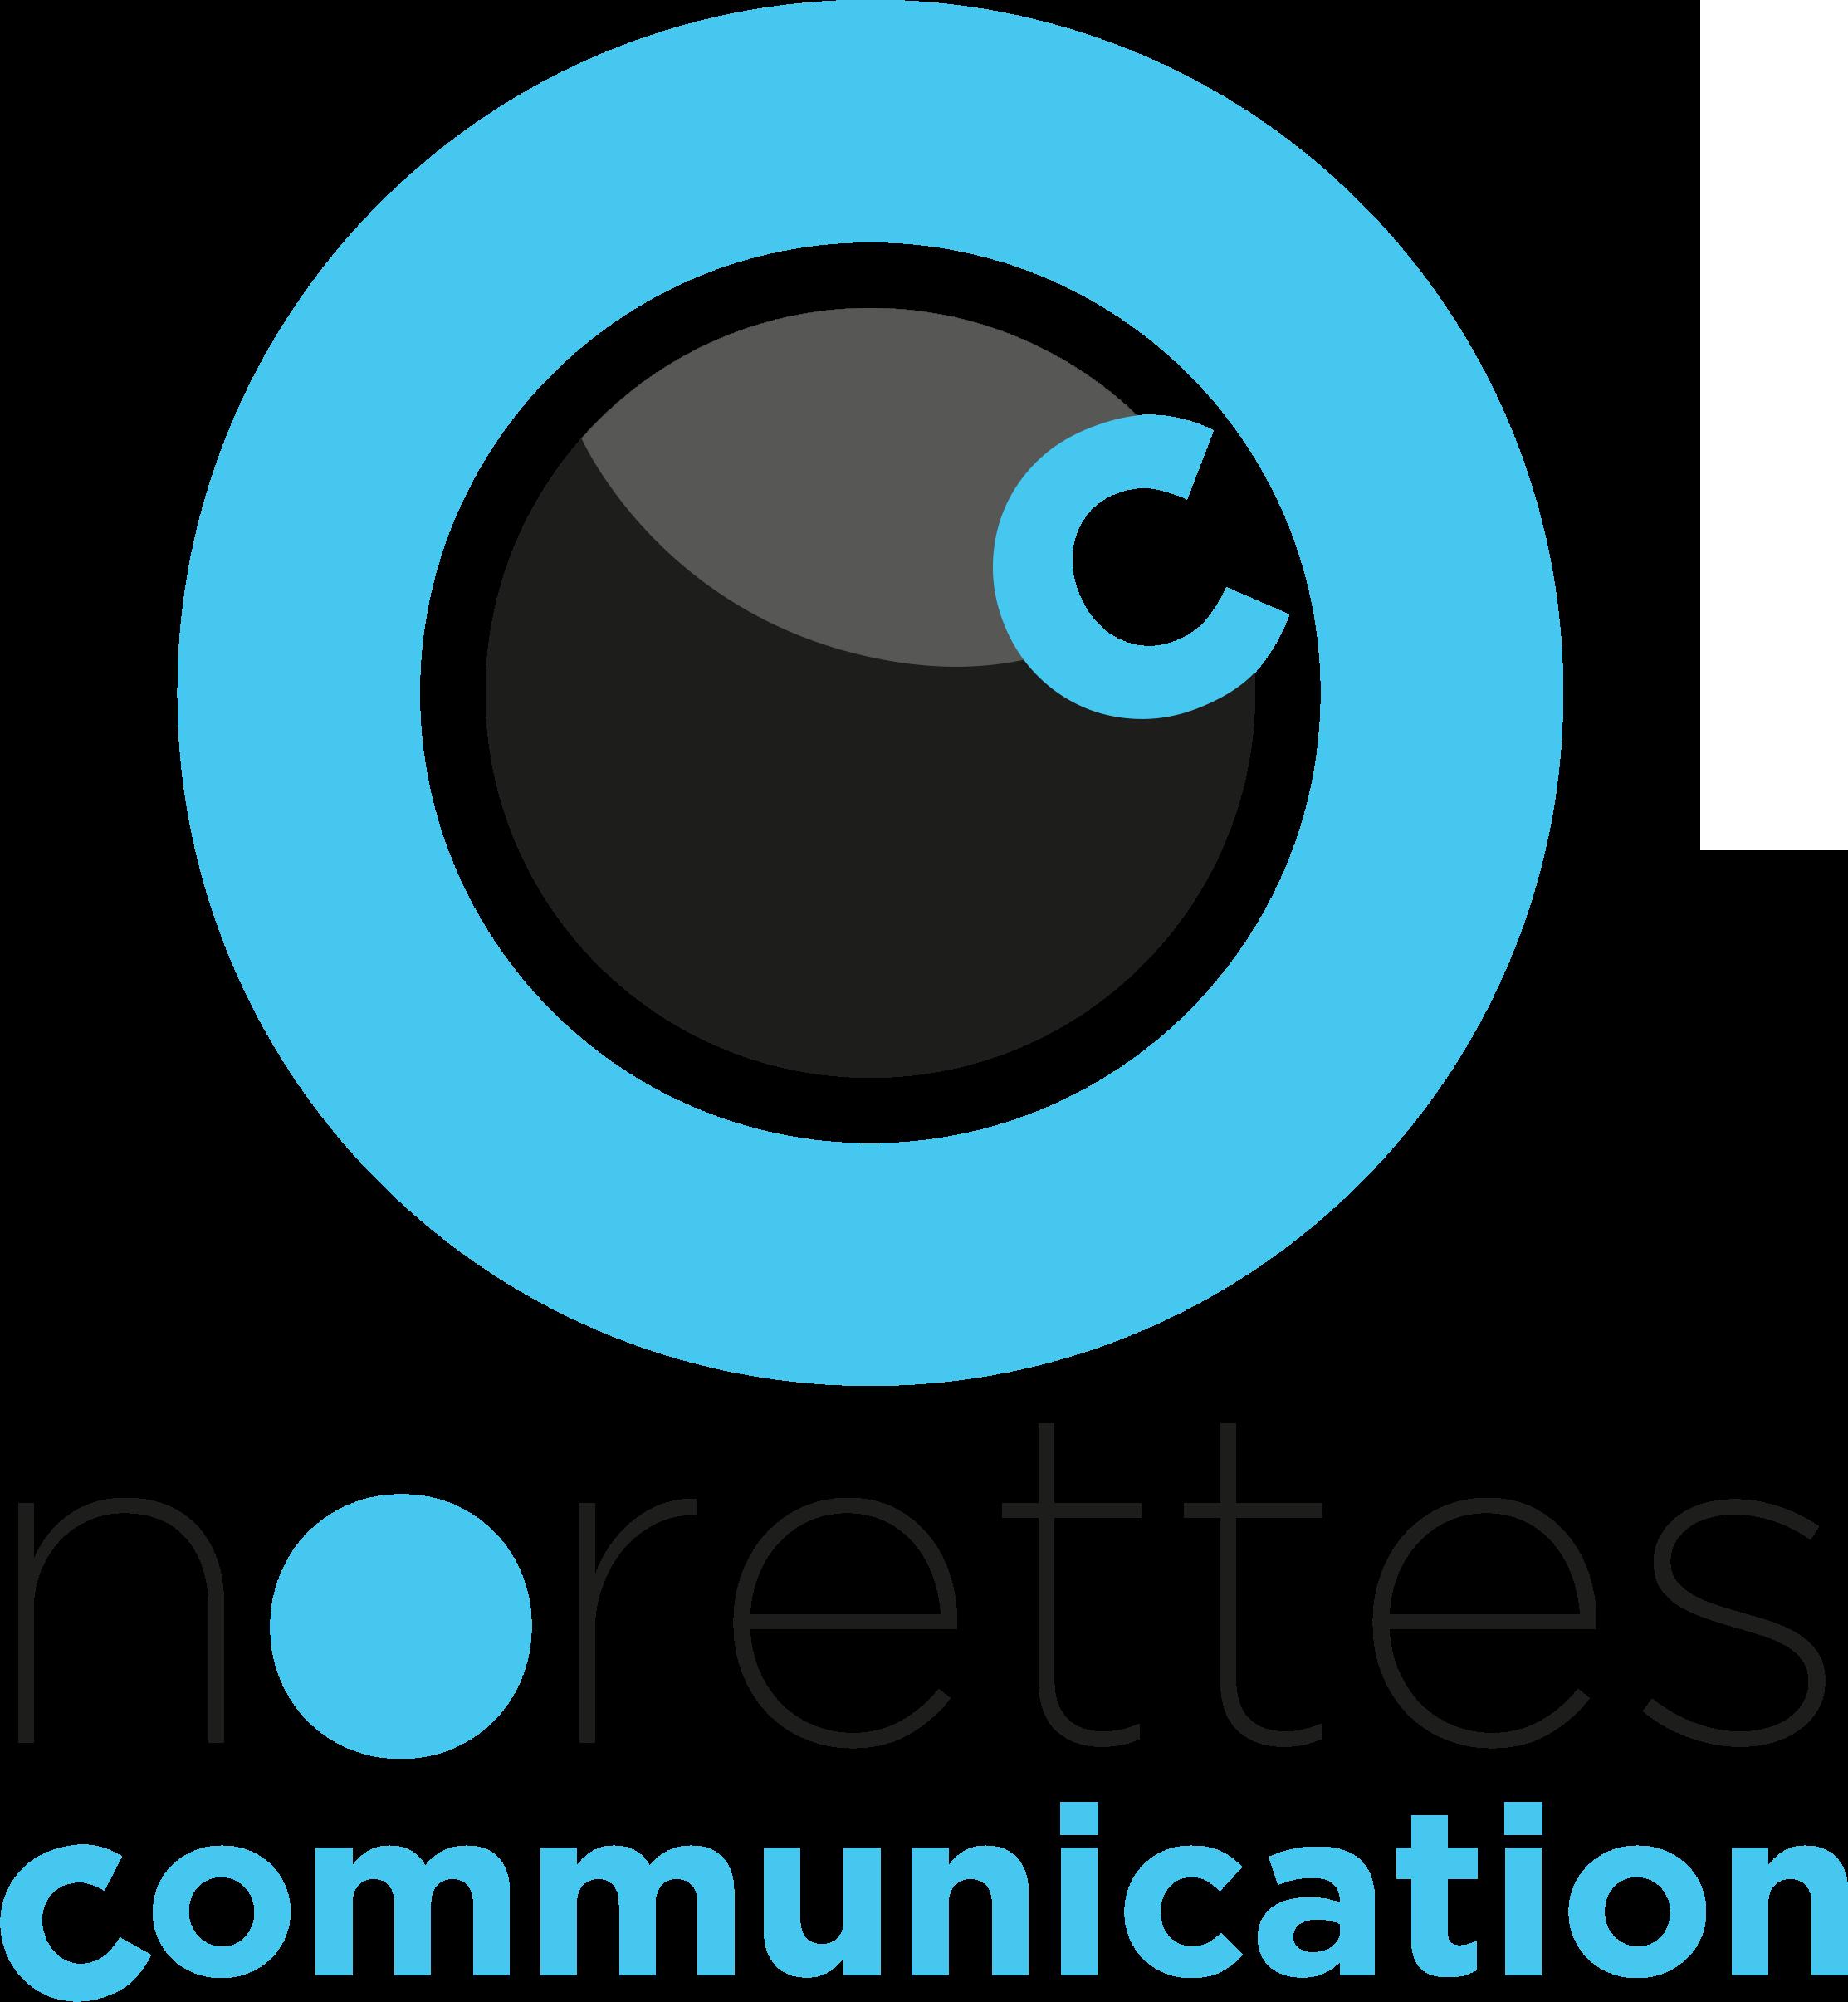 Norettes Communication